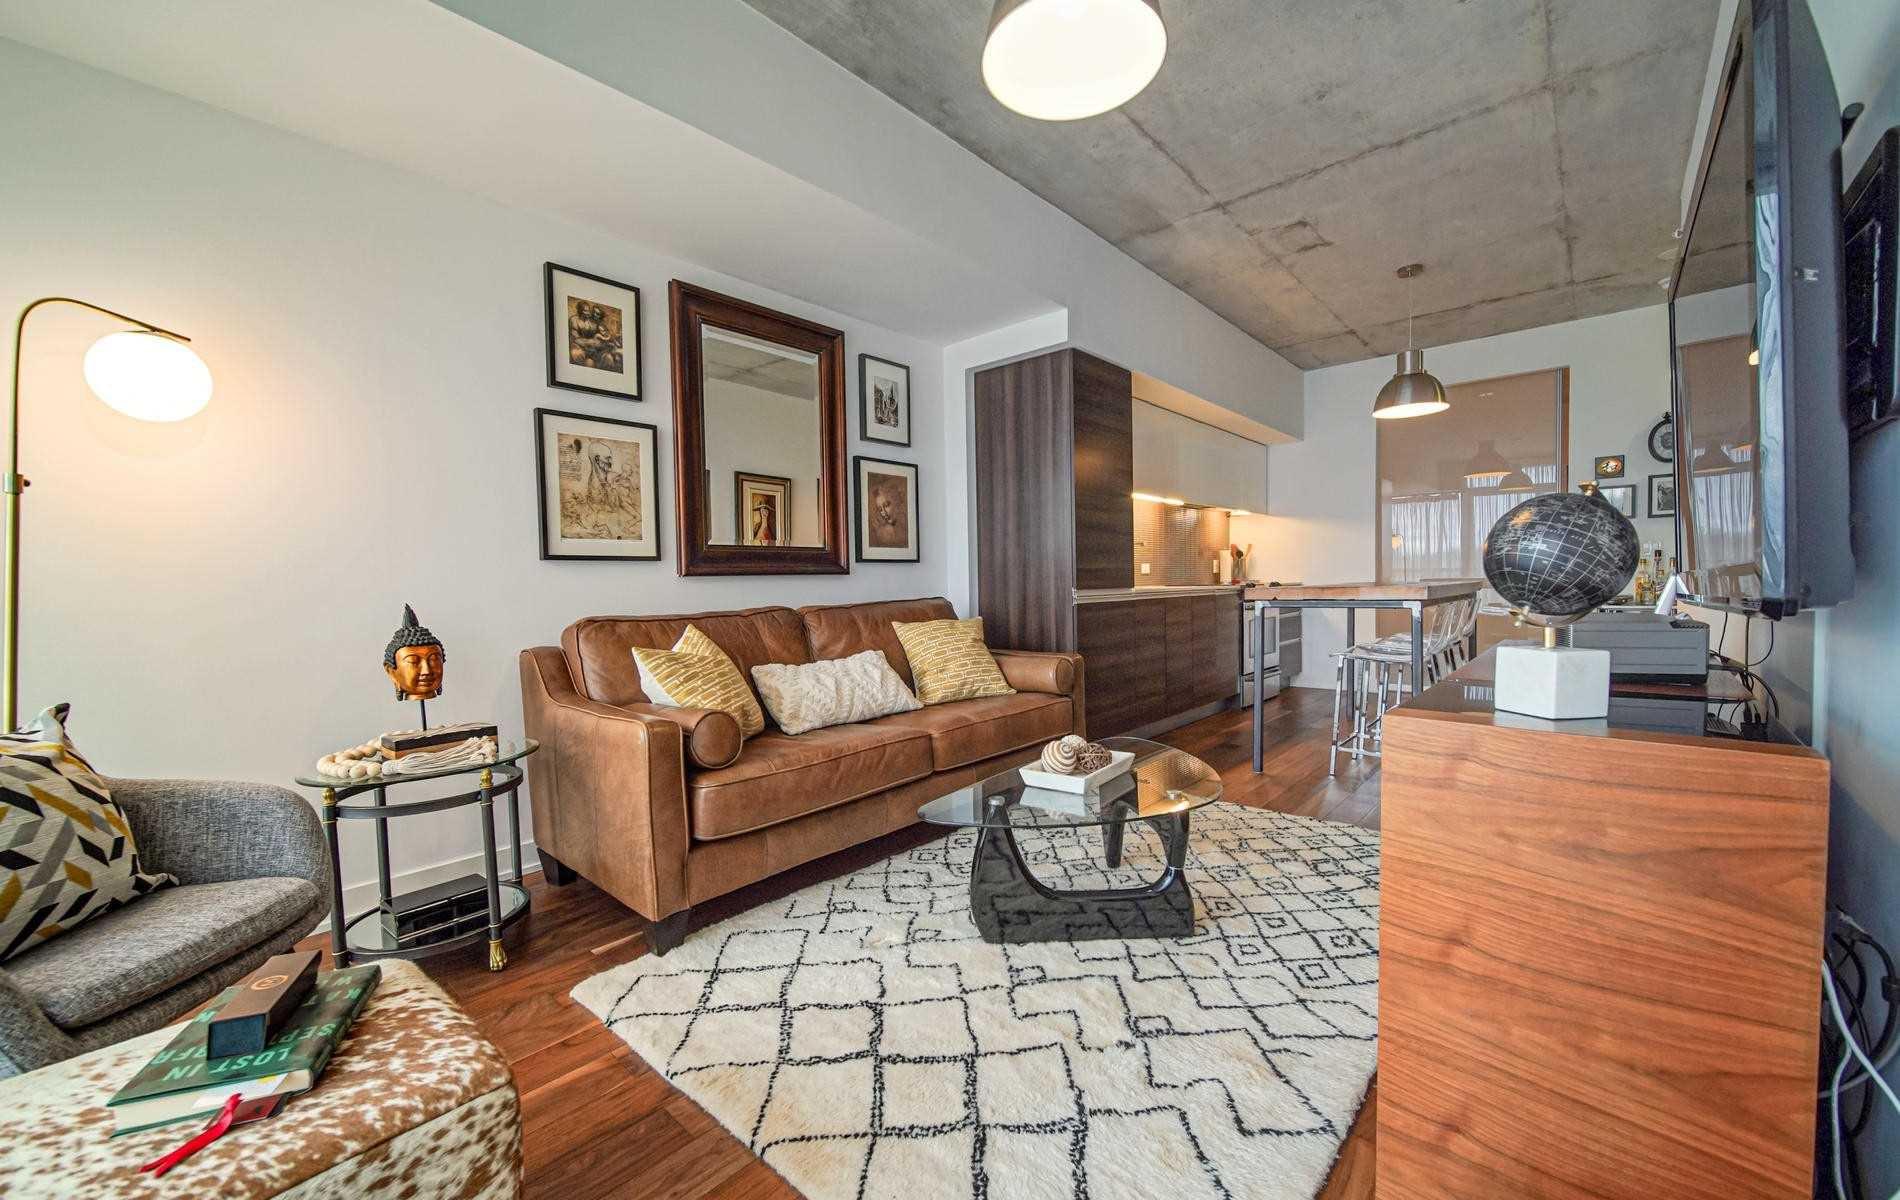 Photo 3: Photos: 702 1190 E Dundas Street in Toronto: South Riverdale Condo for sale (Toronto E01)  : MLS®# E4766173